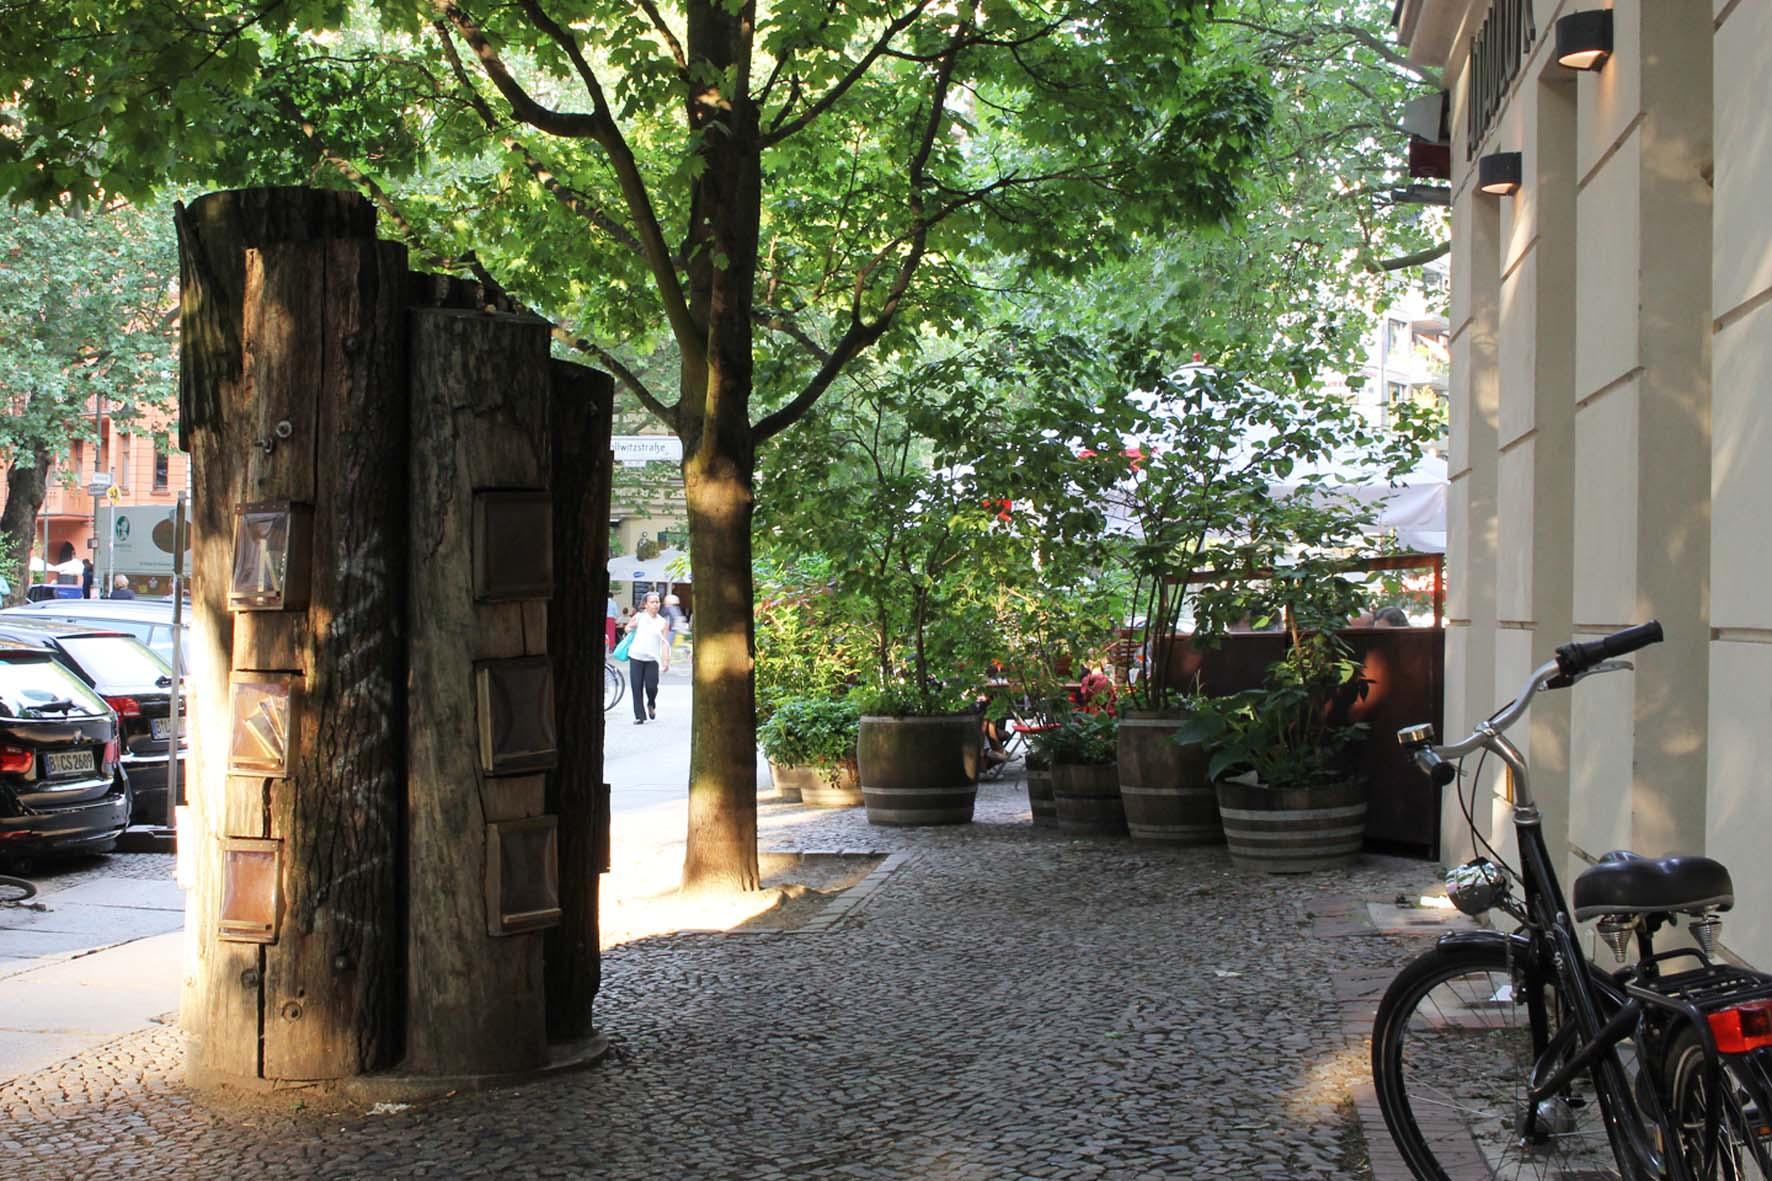 Der Bücherwald - Eine Bibliothek mit Regalen, die in Stämme geschnitzt sind, die zusammen verschraubt wurden, um einem Baum zu ähneln - auf der Sredzkistrasse in Berlin Prenzlauer Berg